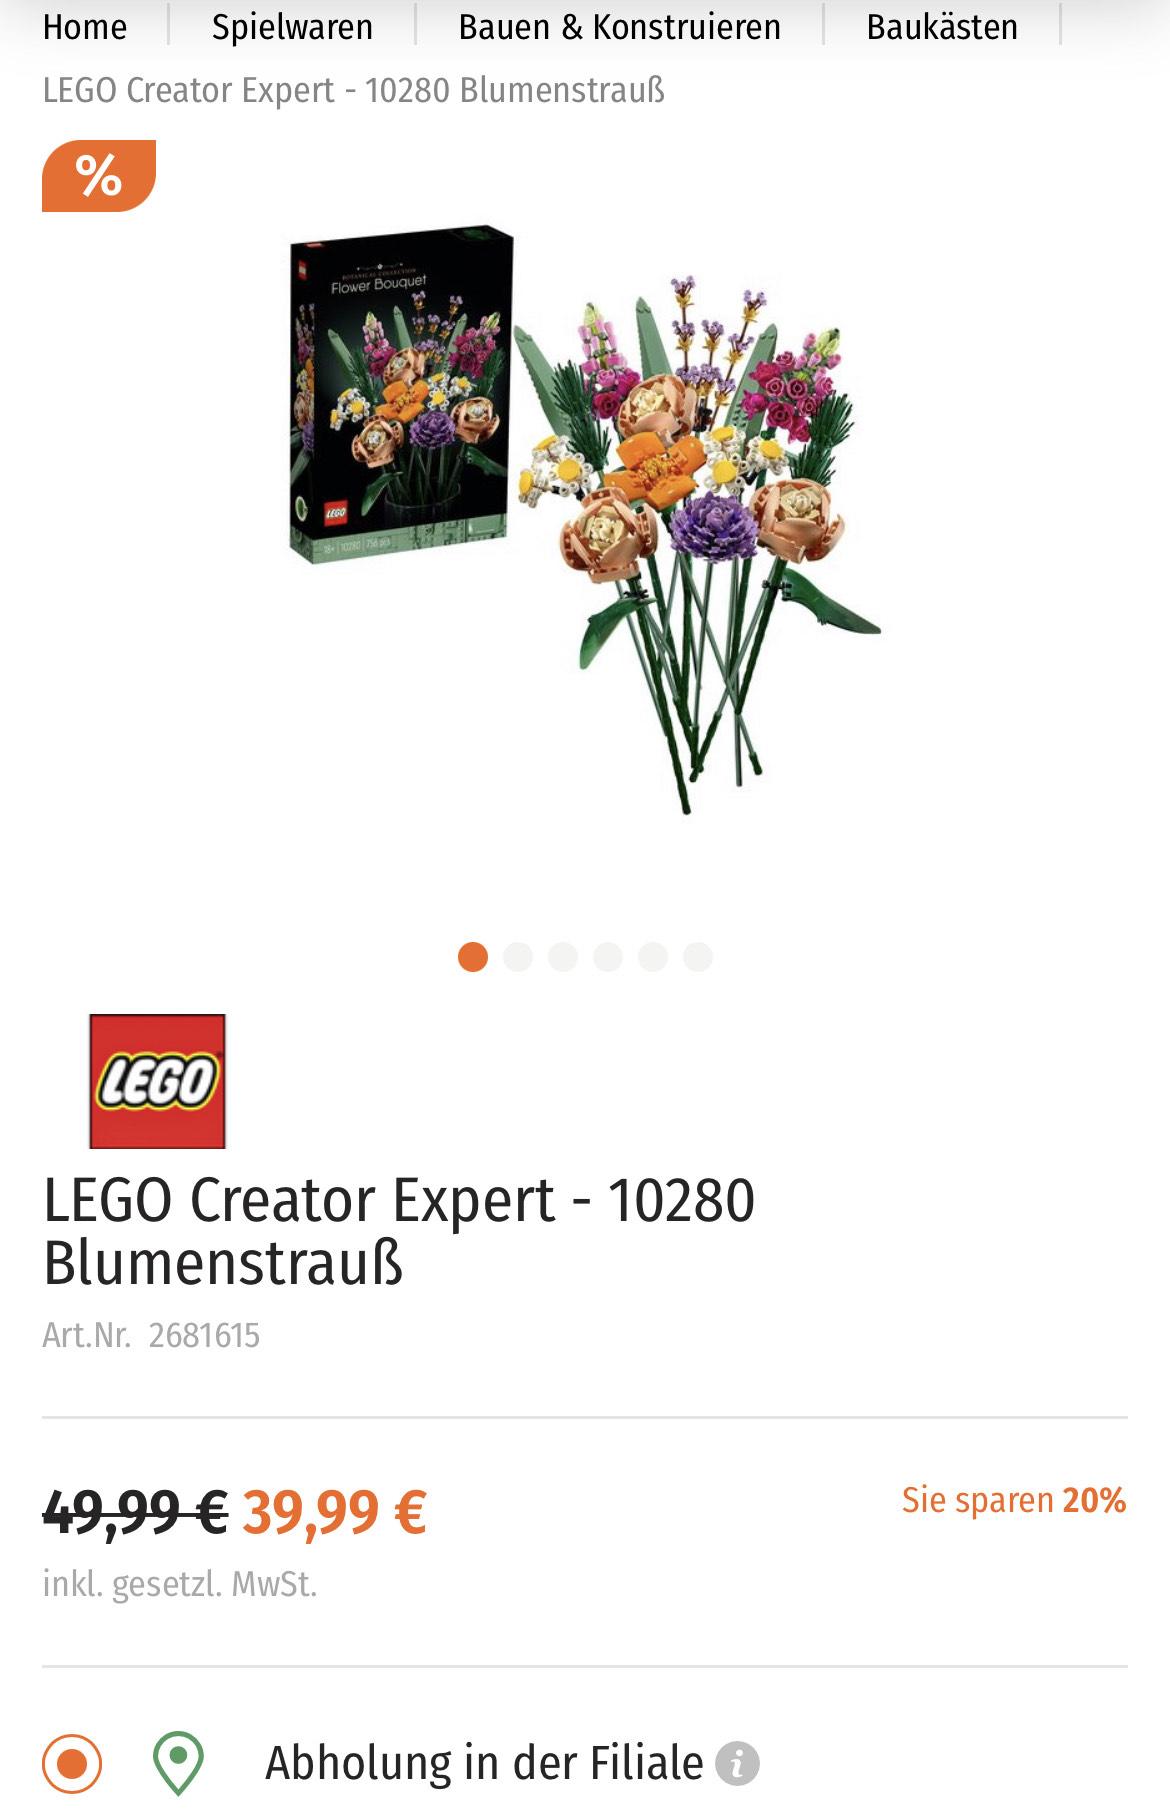 LEGO Creator Expert - 10280 Blumenstrauß [Müller Filialabholung]